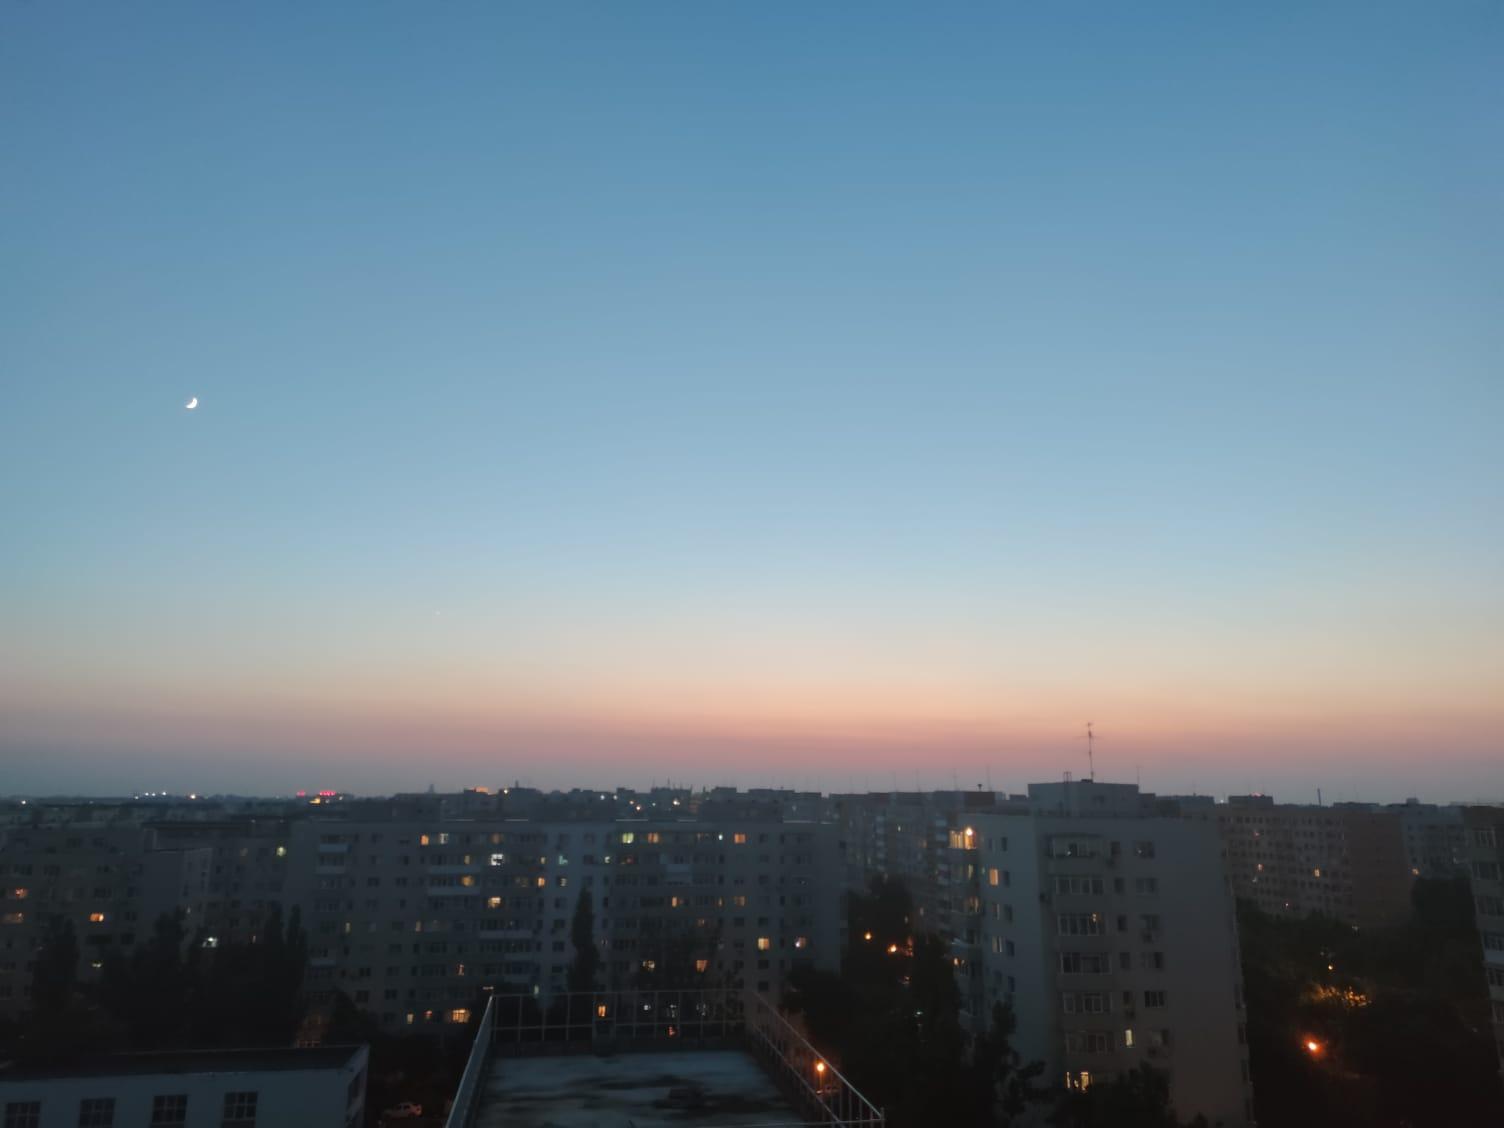 EXCLUSIV. Am întrebat un agent imobiliar care-i treaba cu locuințele în pandemie în București: Cererea s-a schimbat, mulți vor apartamente cu curte și case